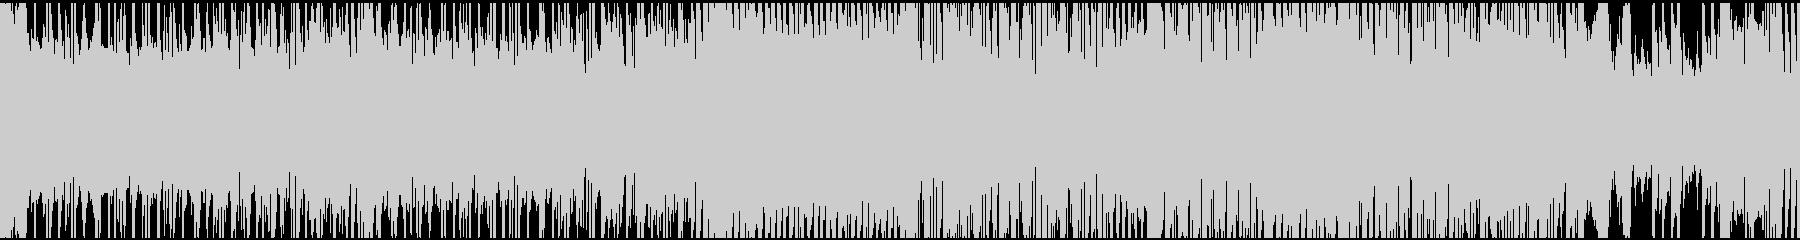 ハイテンションなゴシック戦闘・ループの未再生の波形